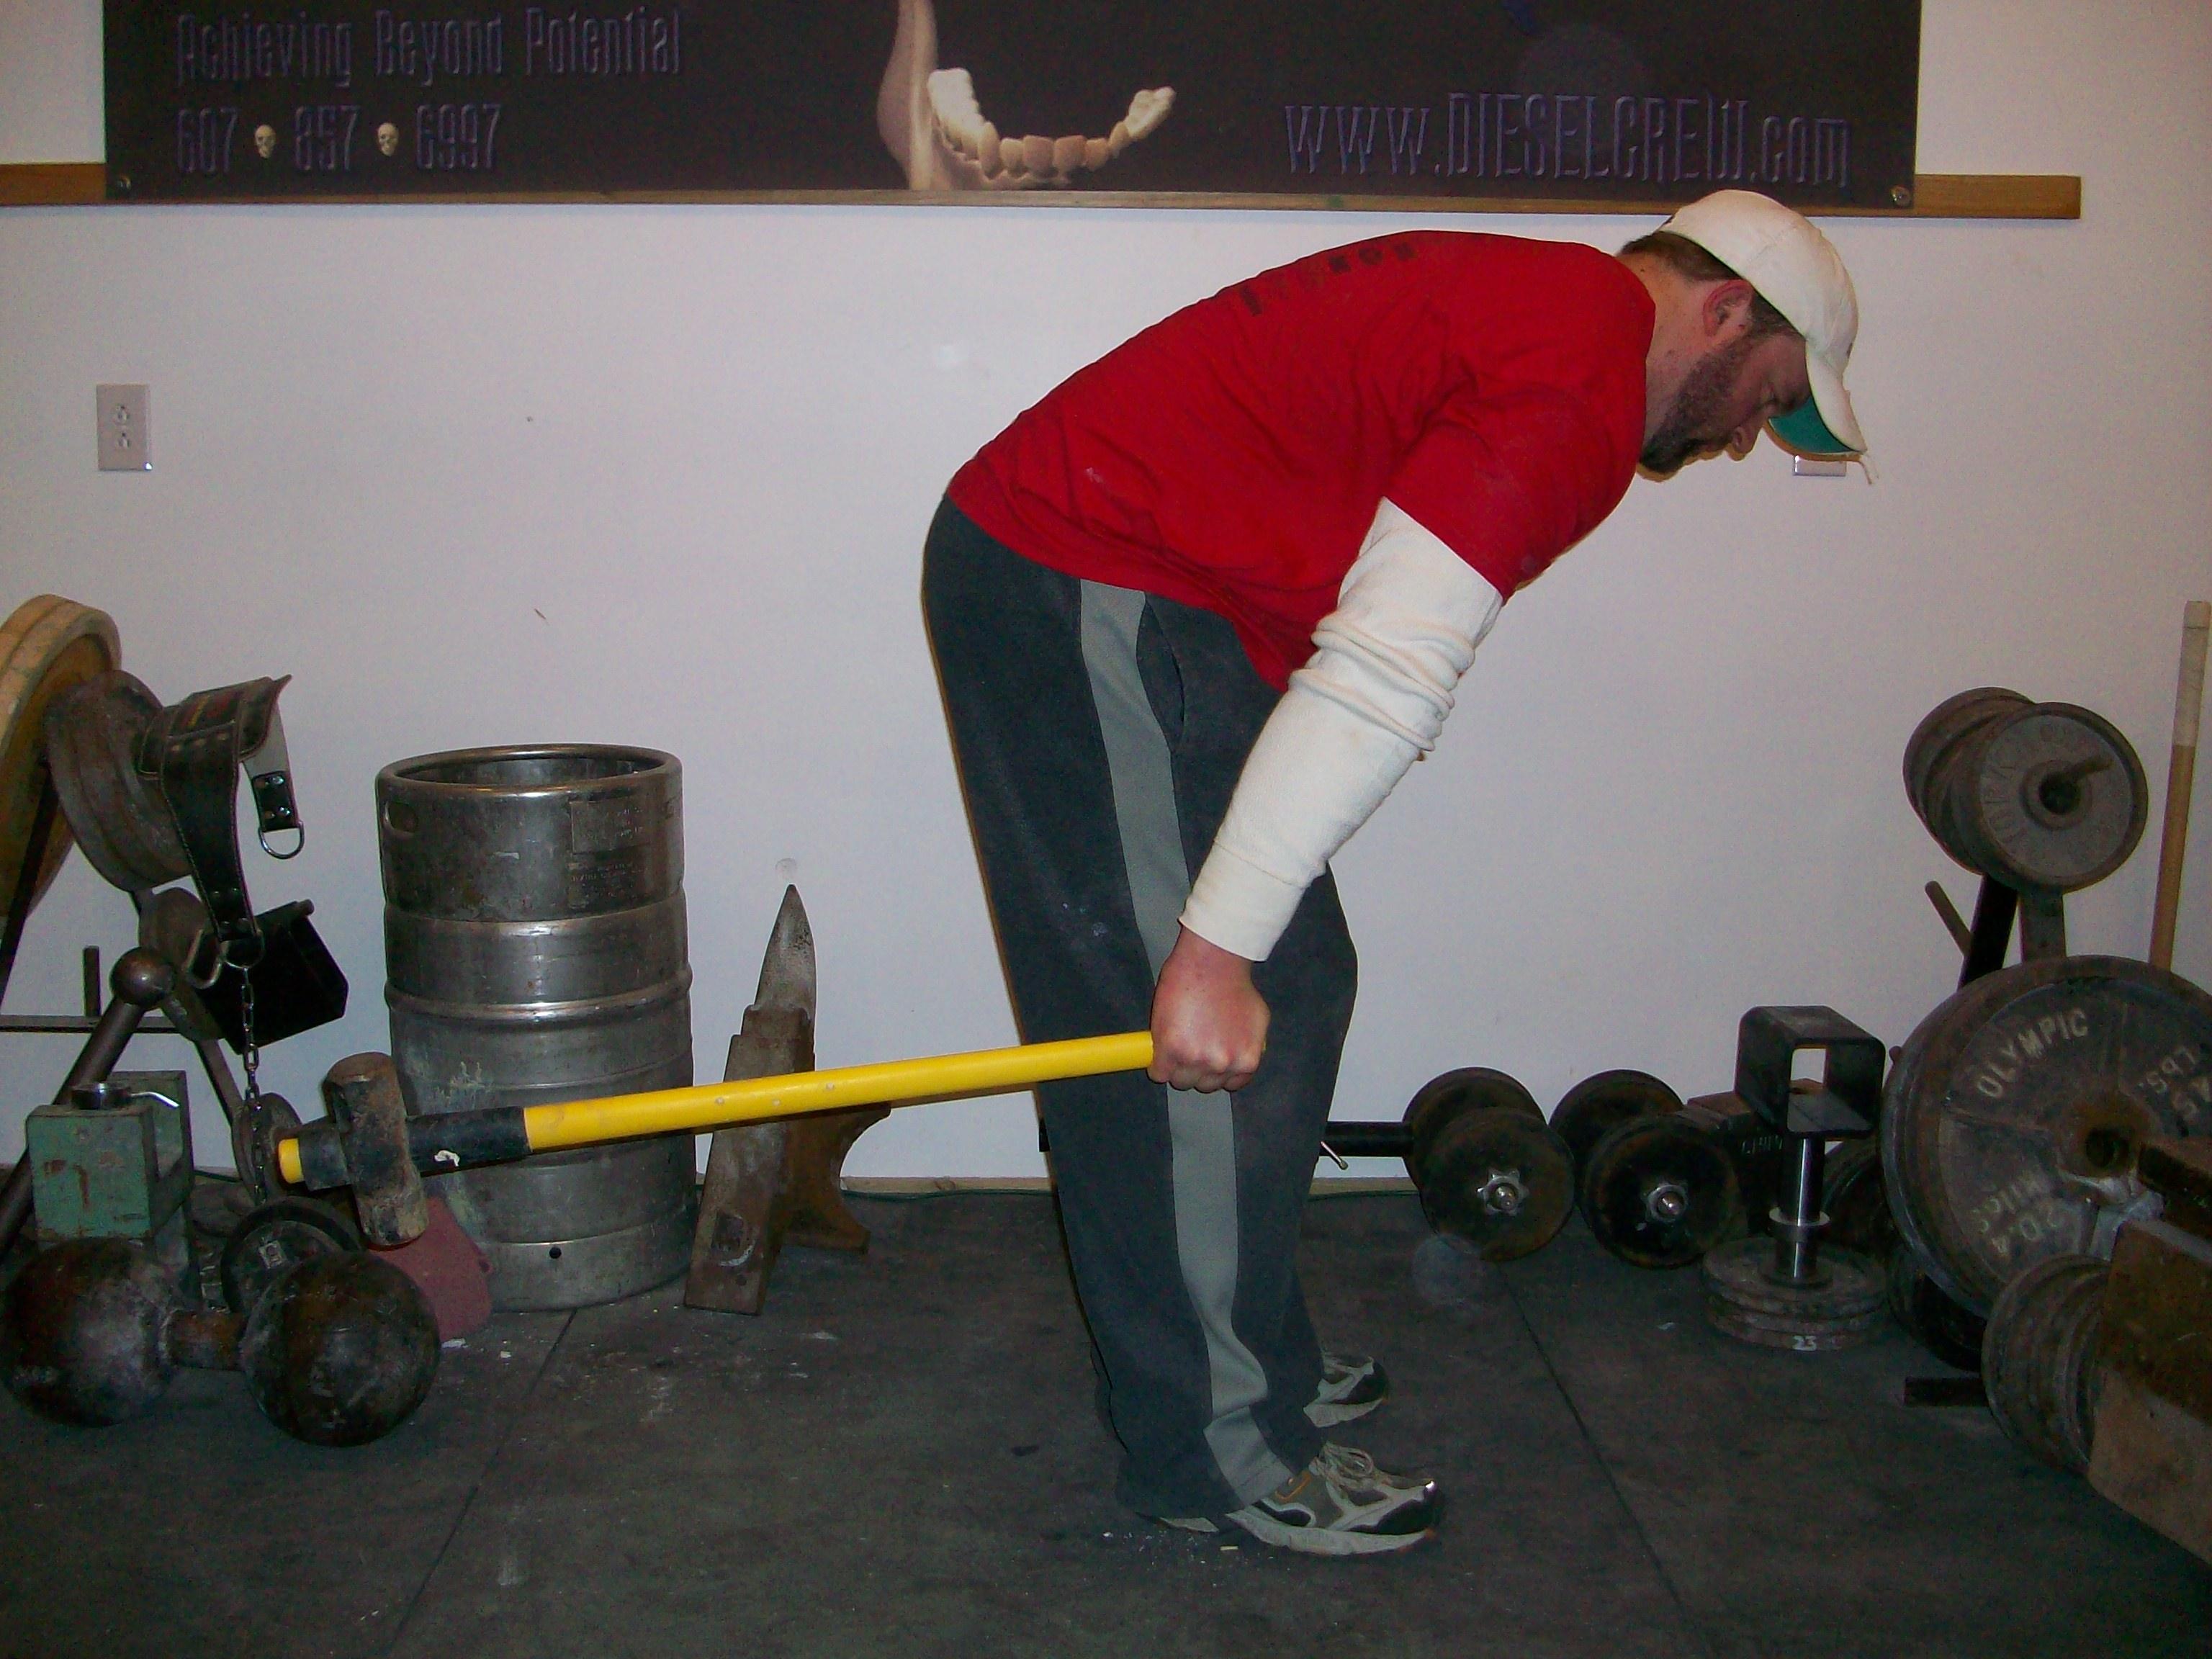 partial hammer deadlift for building bending strength